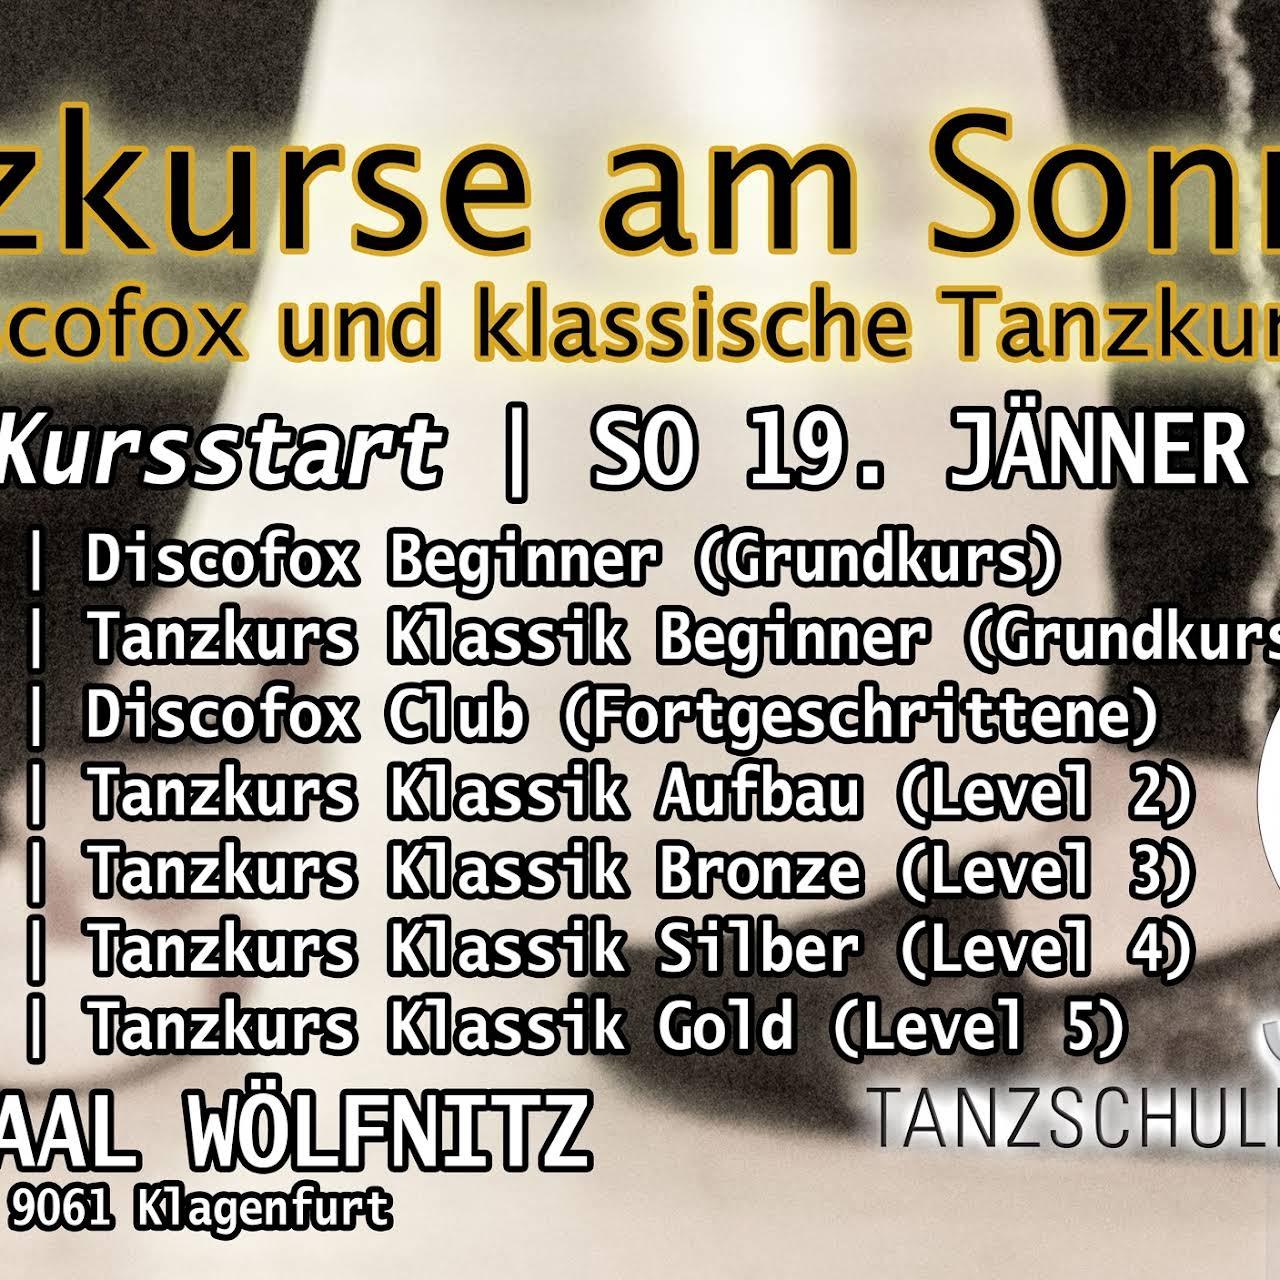 Tanzschule Rabl - Rmerwerg 6, 9061 Wlfnitz, Krnten, Austria